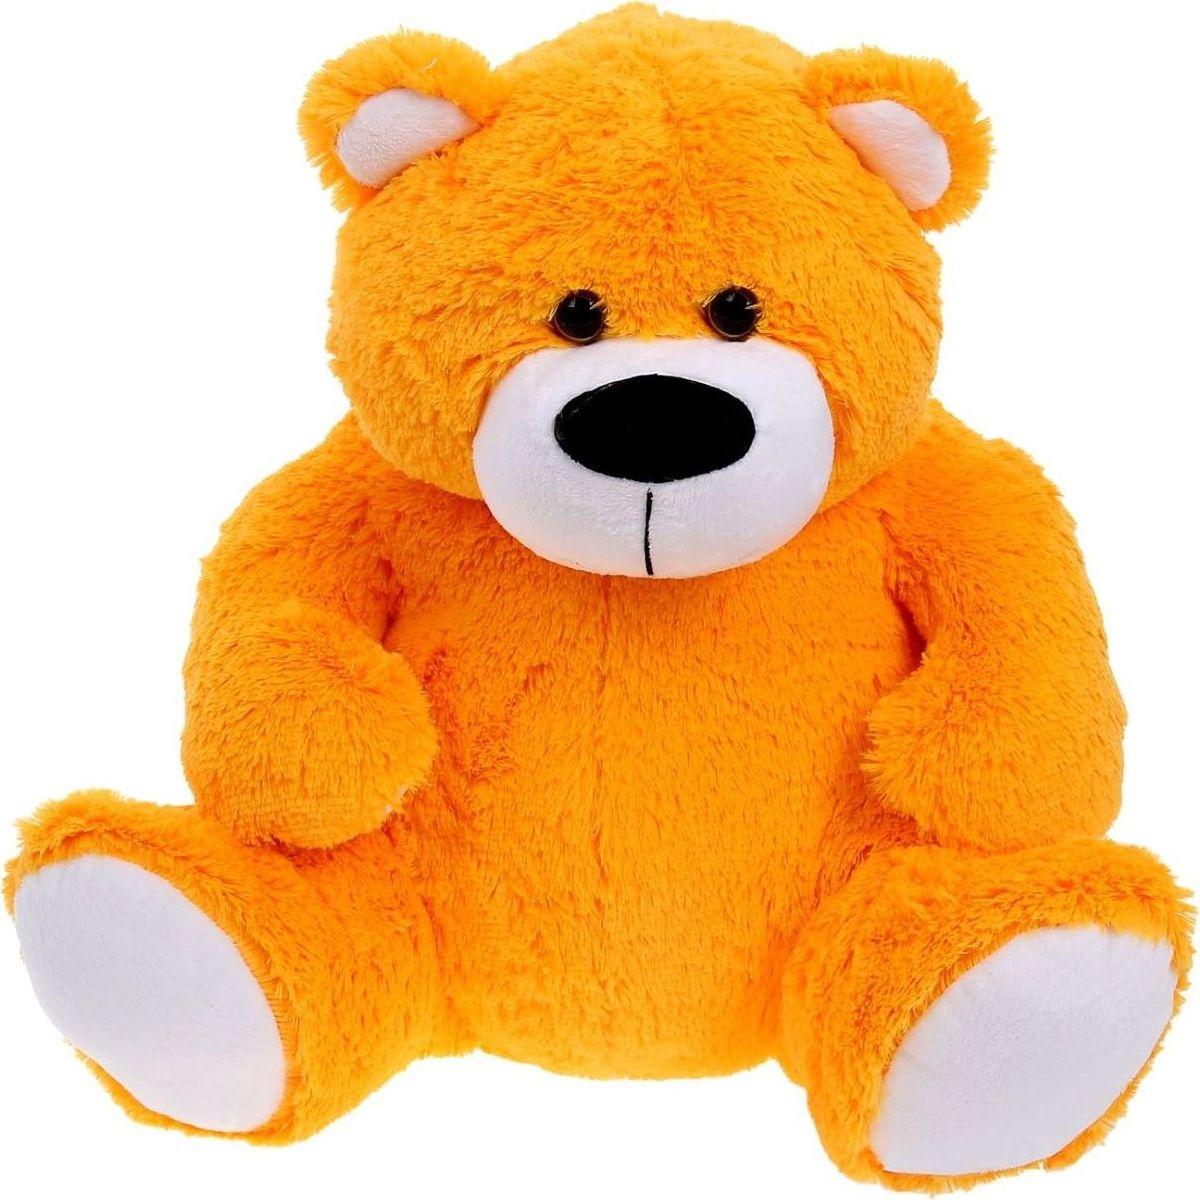 Sima-land Мягкая игрушка Мишка Фома цвет оранжевый 55 см малышарики мягкая игрушка собака бассет хаунд 23 см